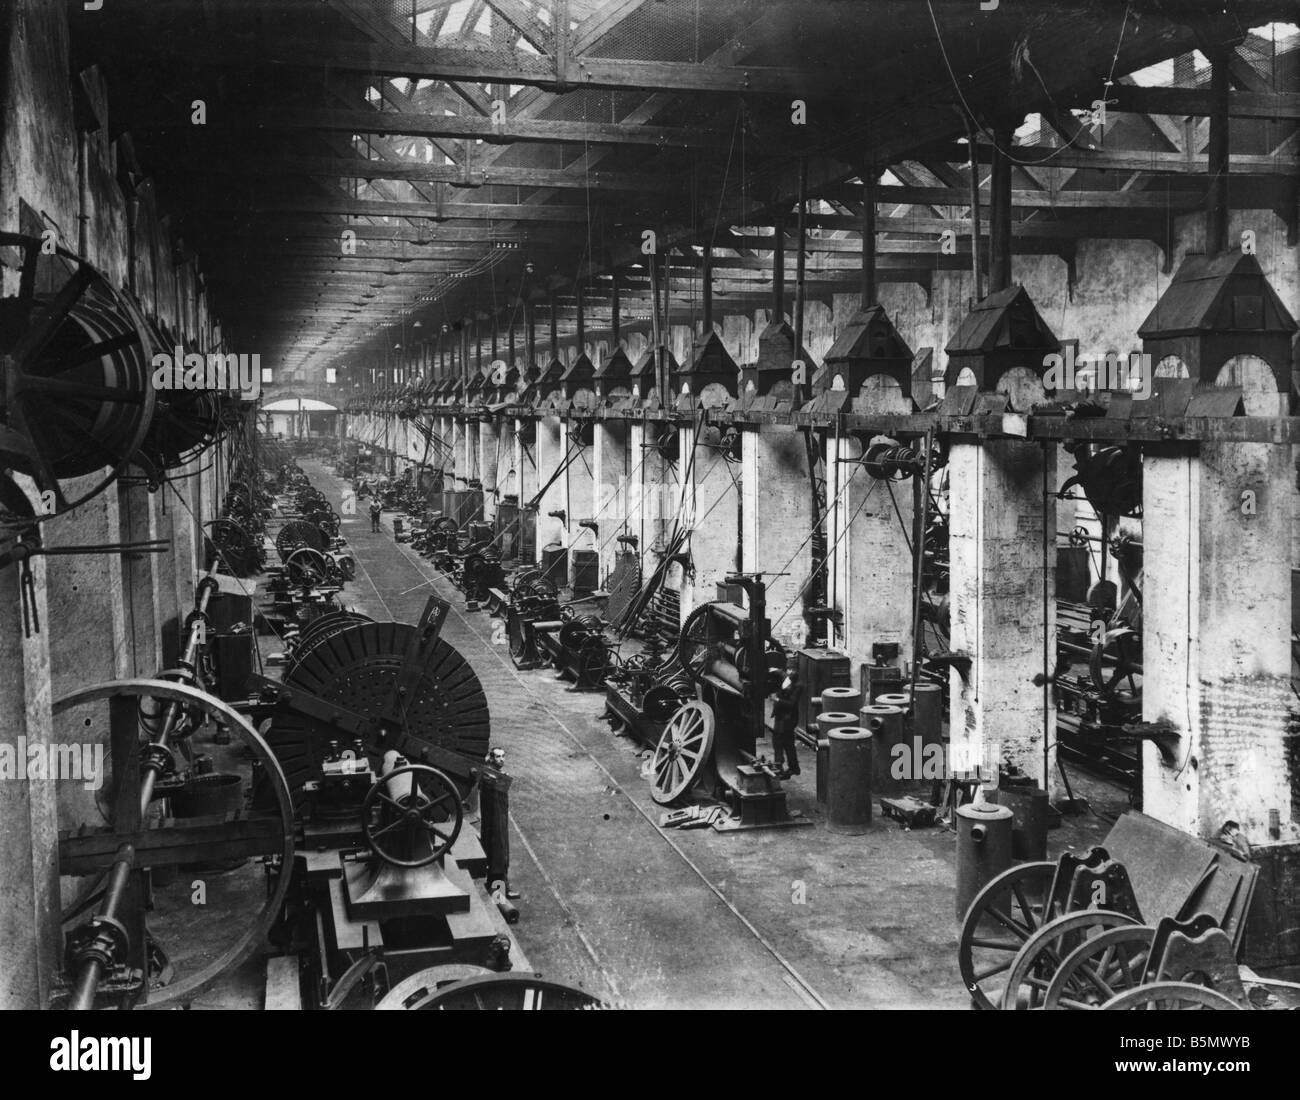 9TK 1916 0 0 A1 3 Waffe Fabriken Türkei Herbst 1916 Geschichte der Türkei 1. Weltkrieg Waffe Kanonen und Stockbild